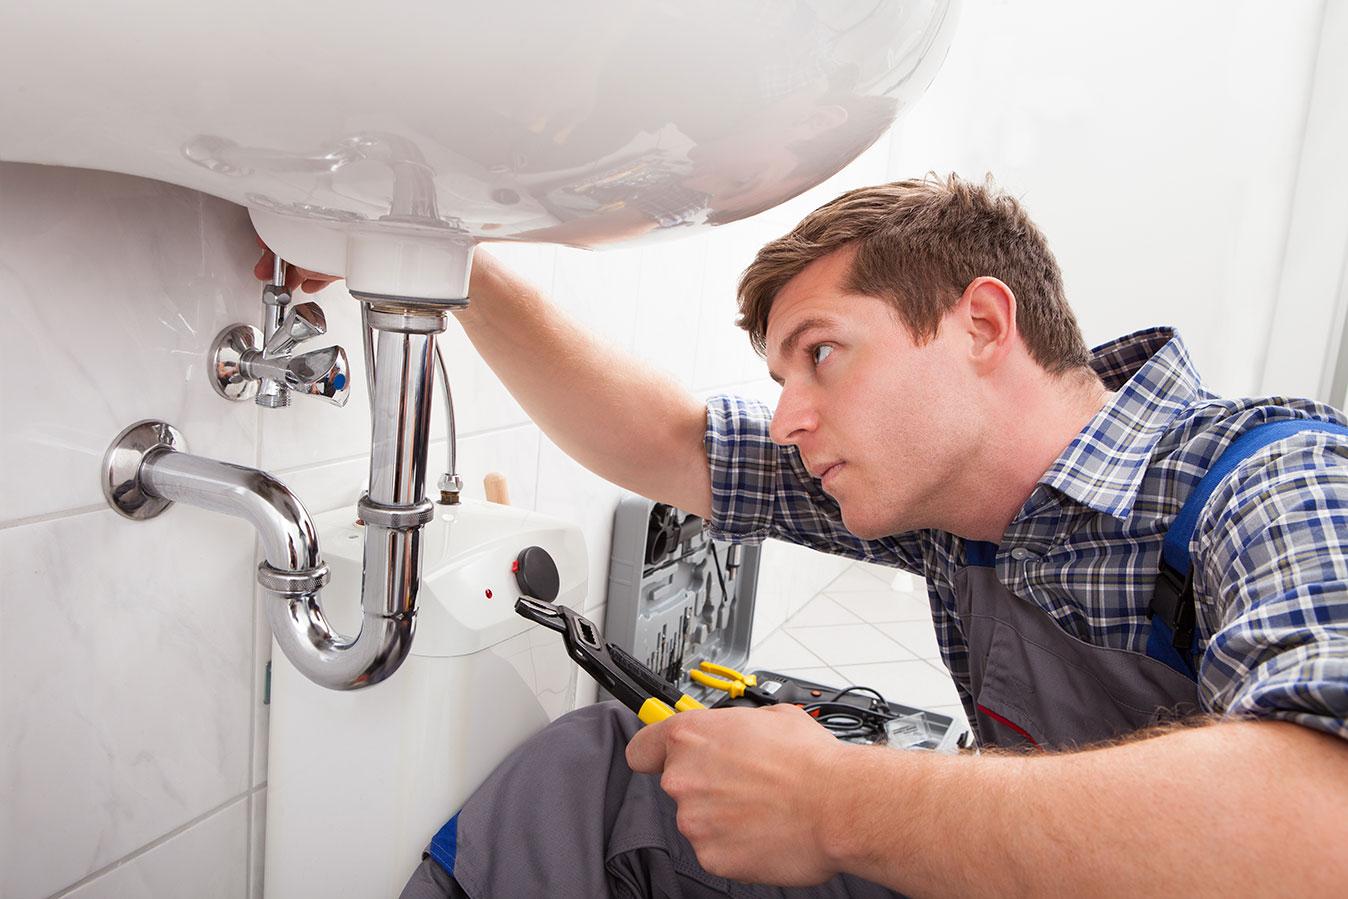 Wasserschäden und durch die Elektroinstallation verursachte Probleme werden nur dann von der Versicherung abgedeckt, wenn die Installation fachkundig ausgeführt wurde.